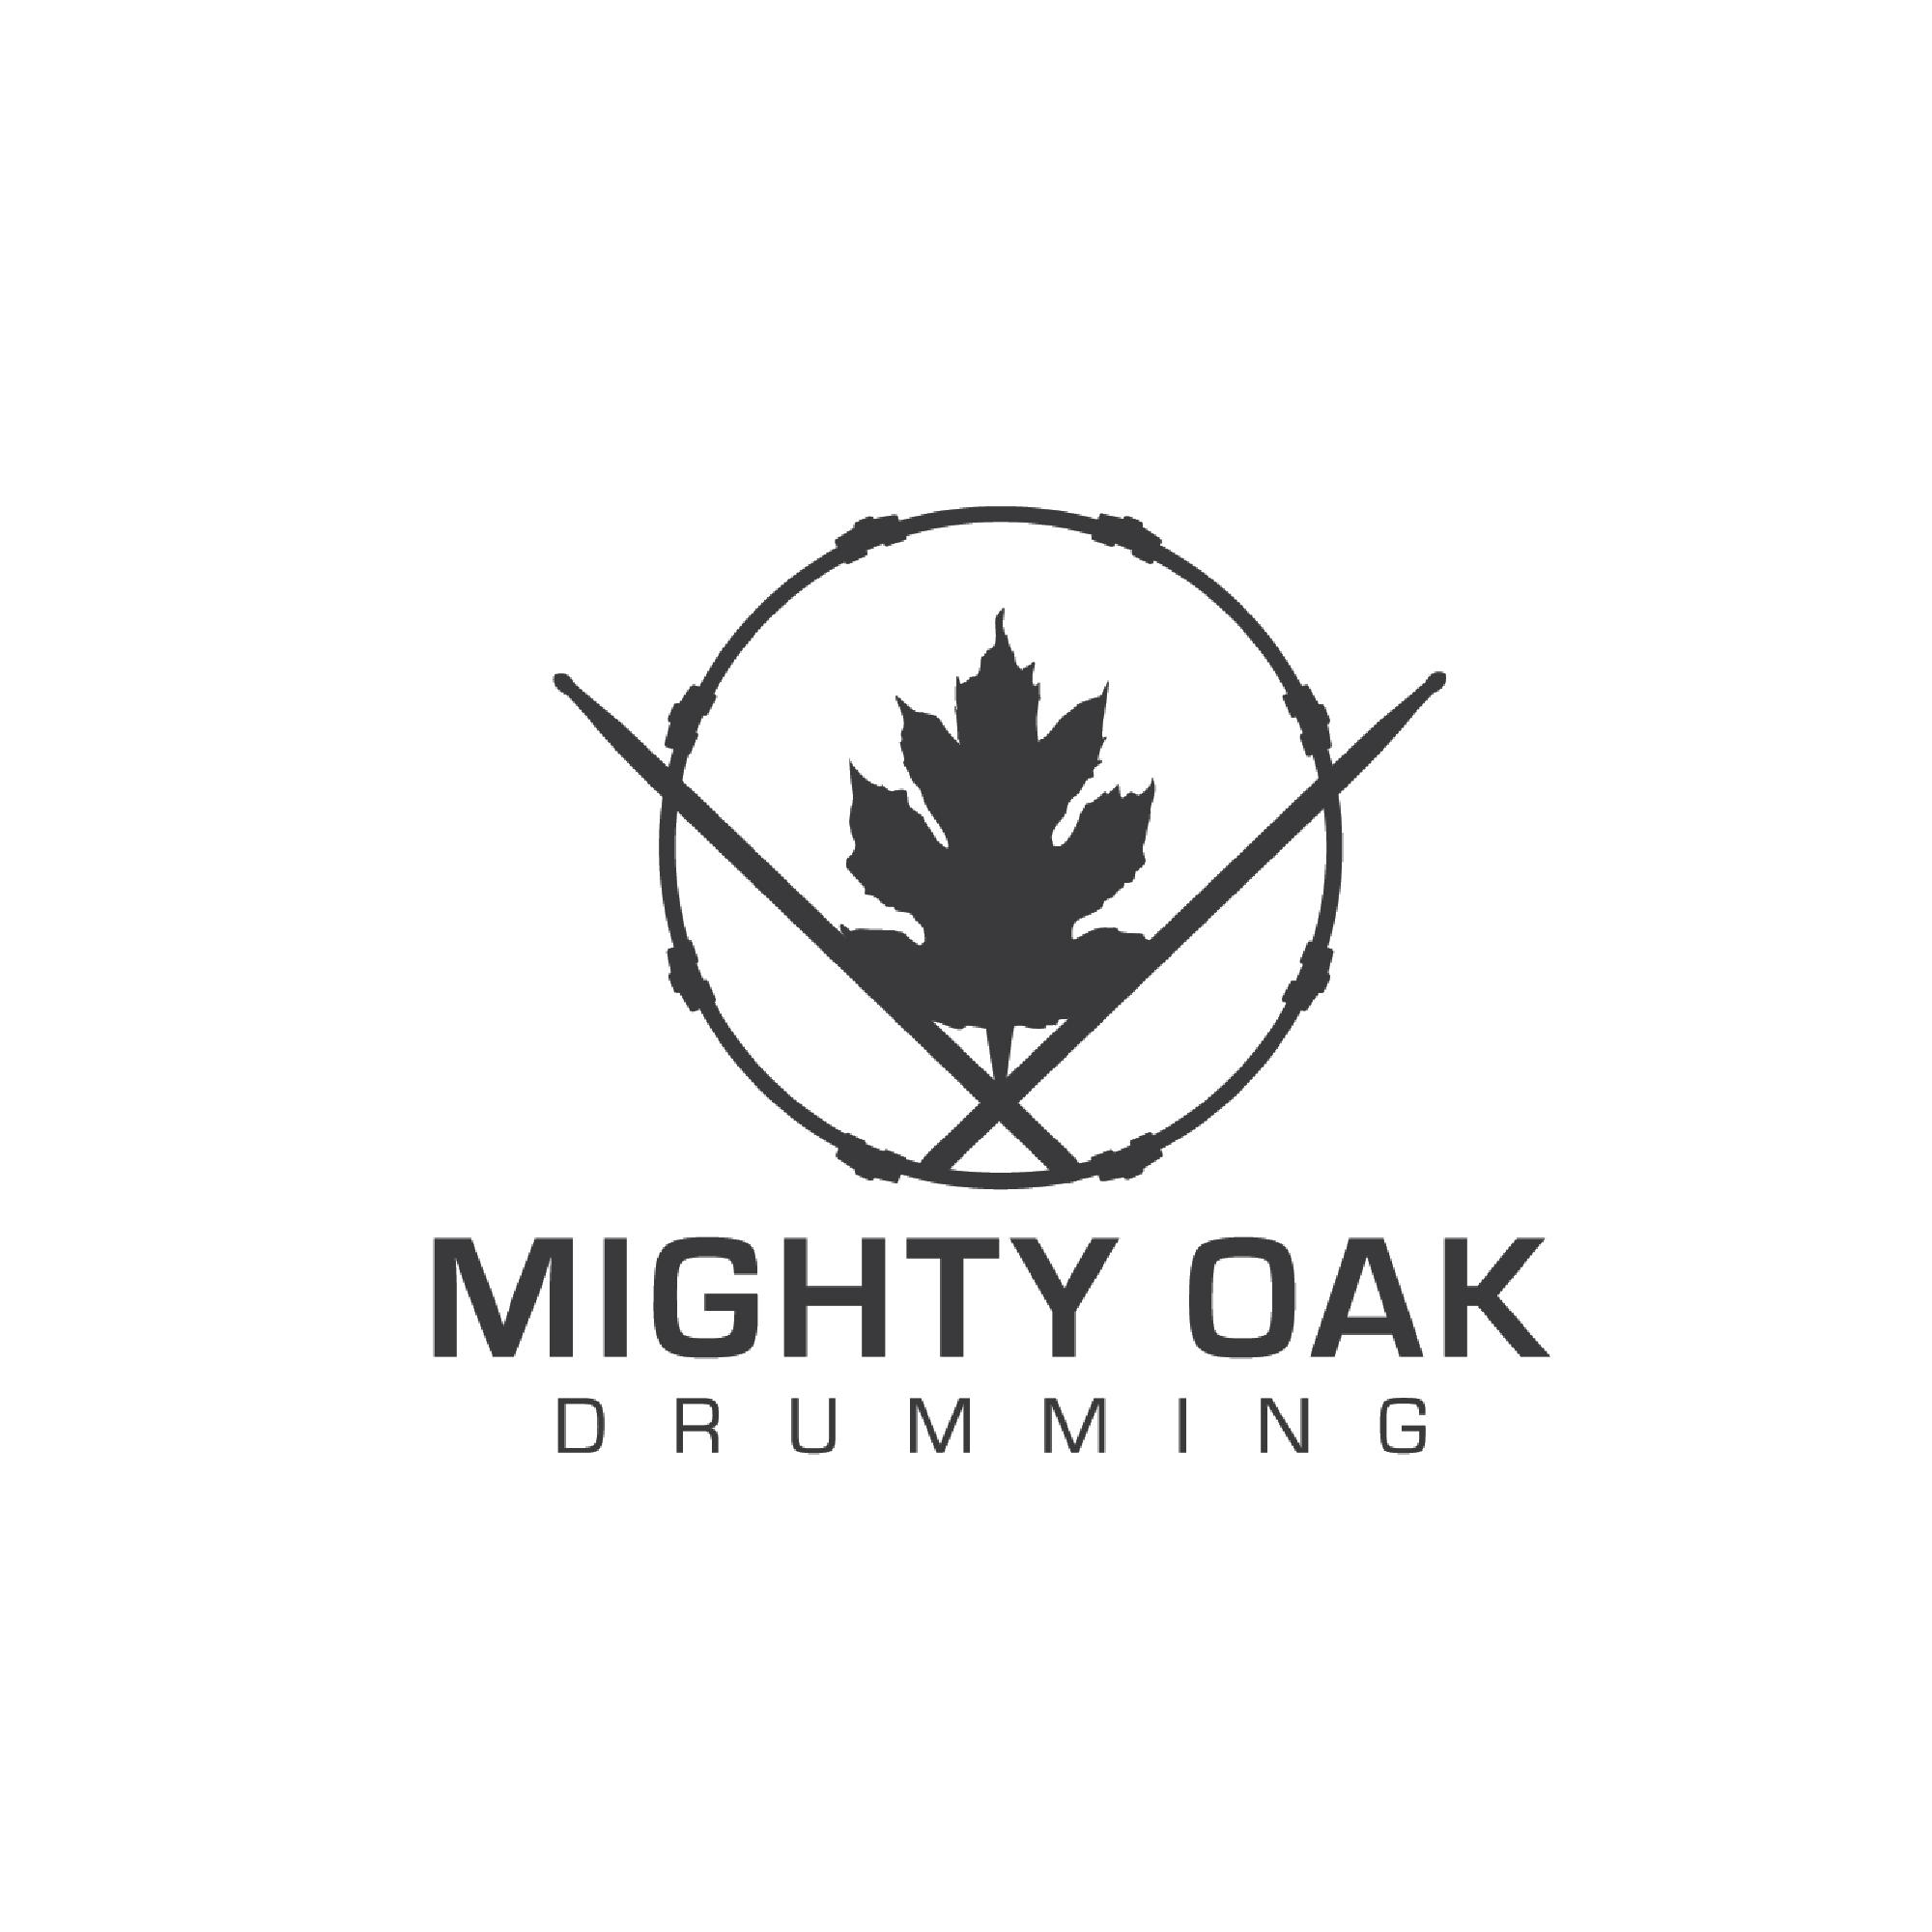 Mighty Oak Drumming - Brittneyrossie.com